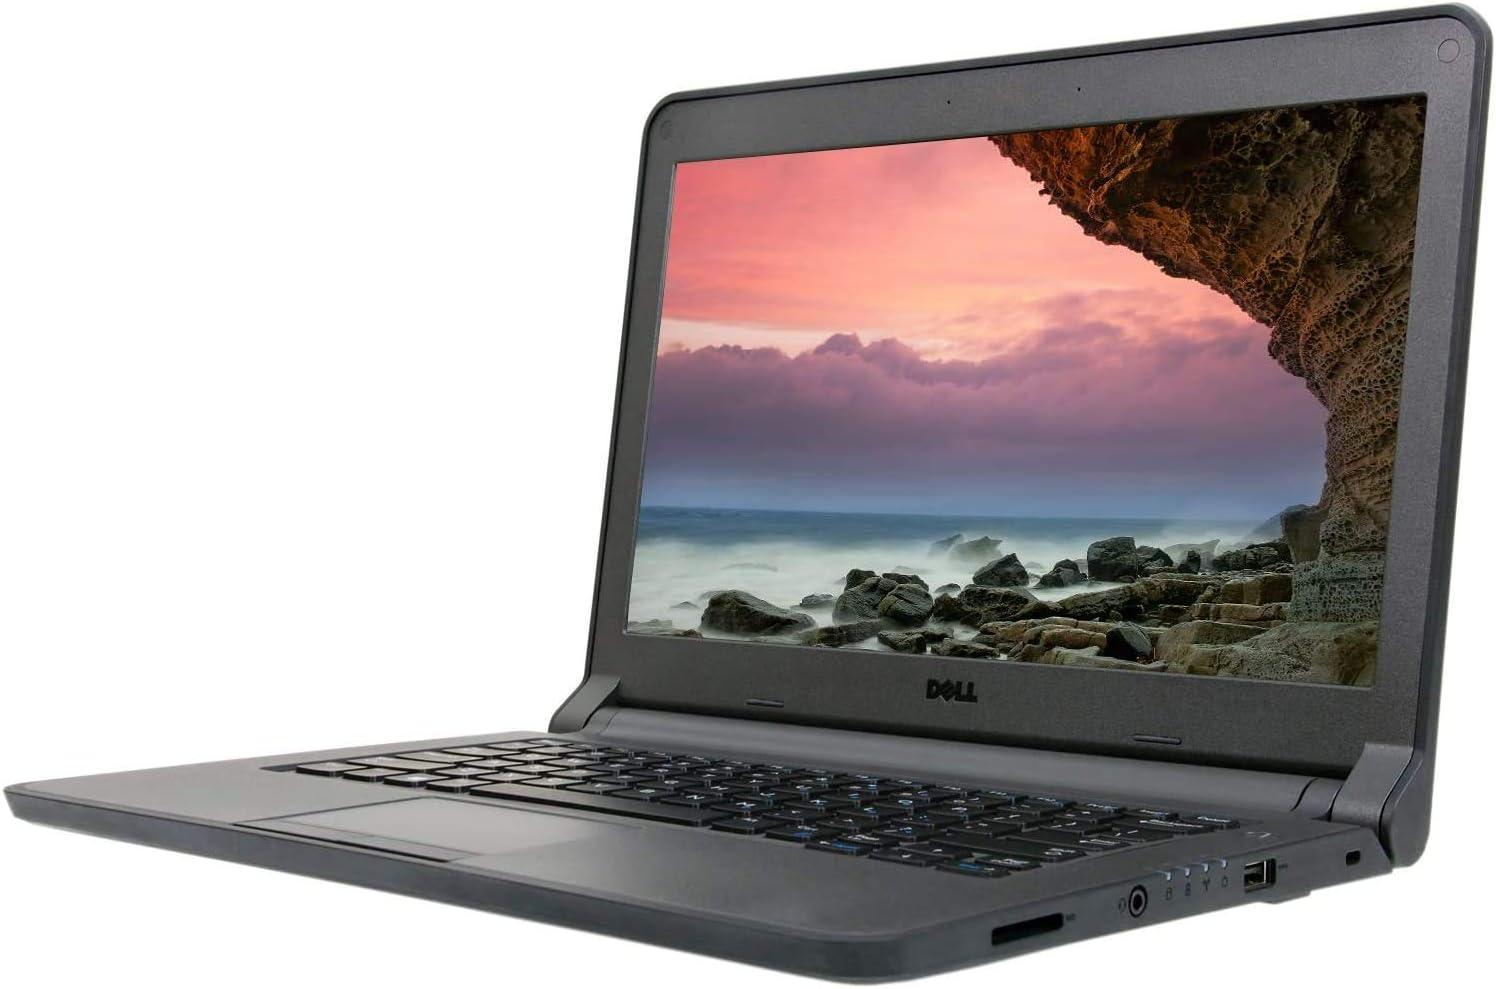 Dell Latitude 3350 13.3